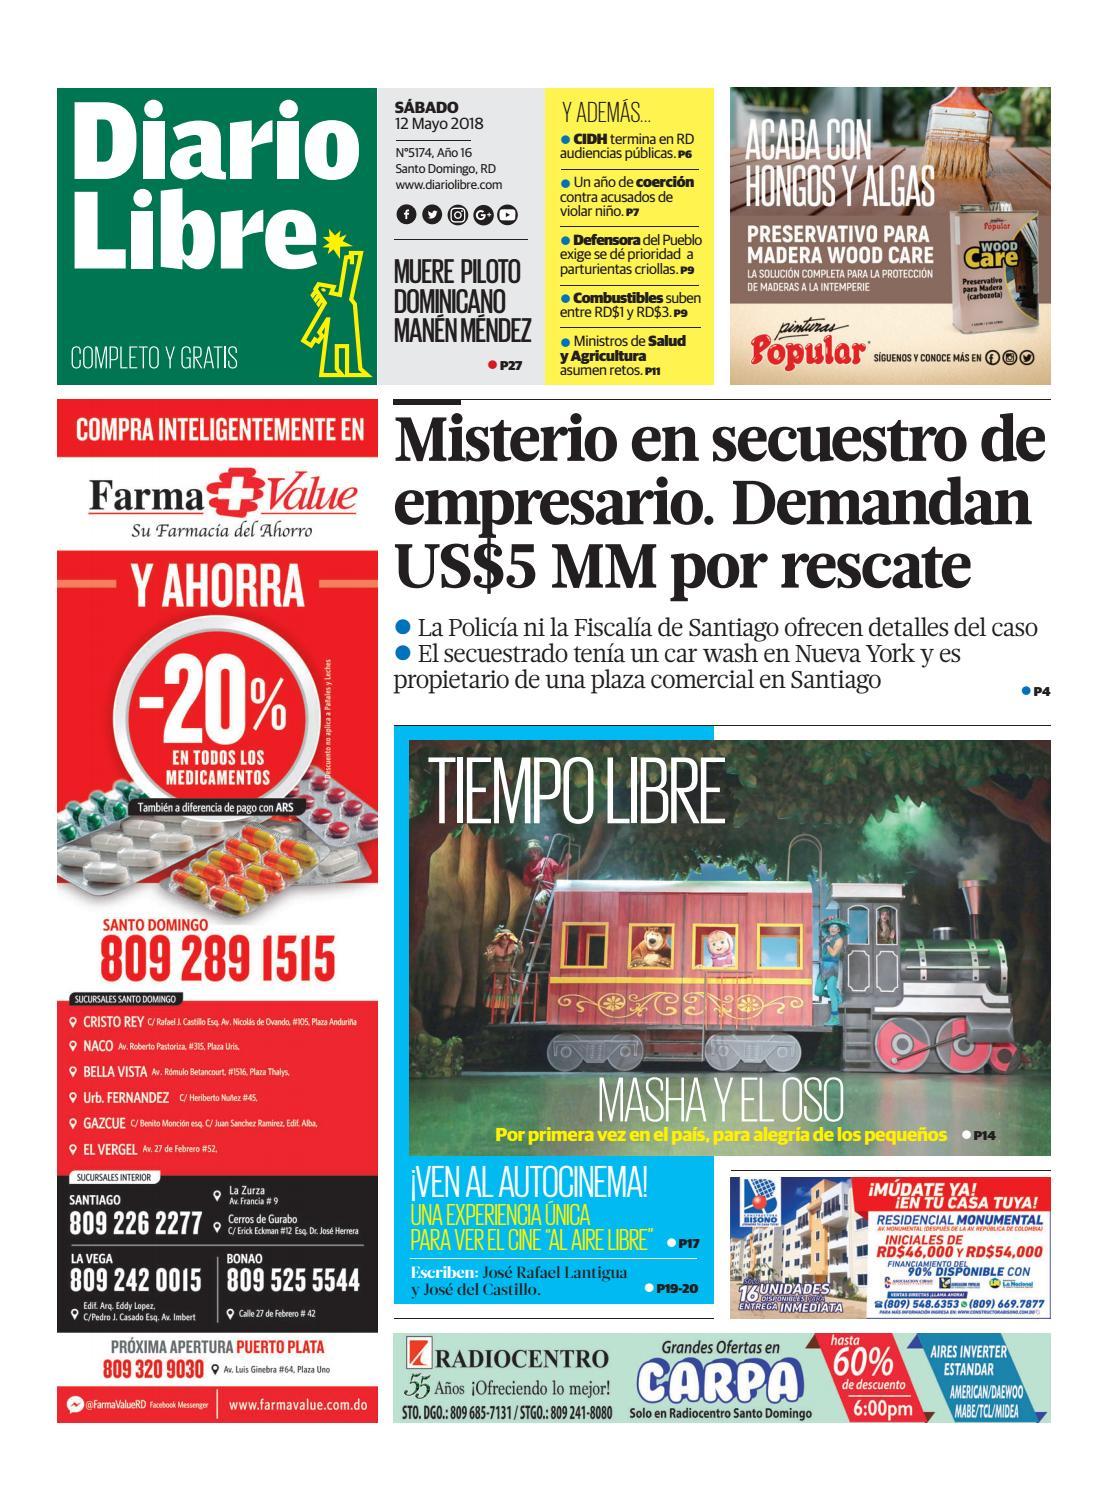 Diariolibre5174 by Grupo Diario Libre, S. A. - issuu